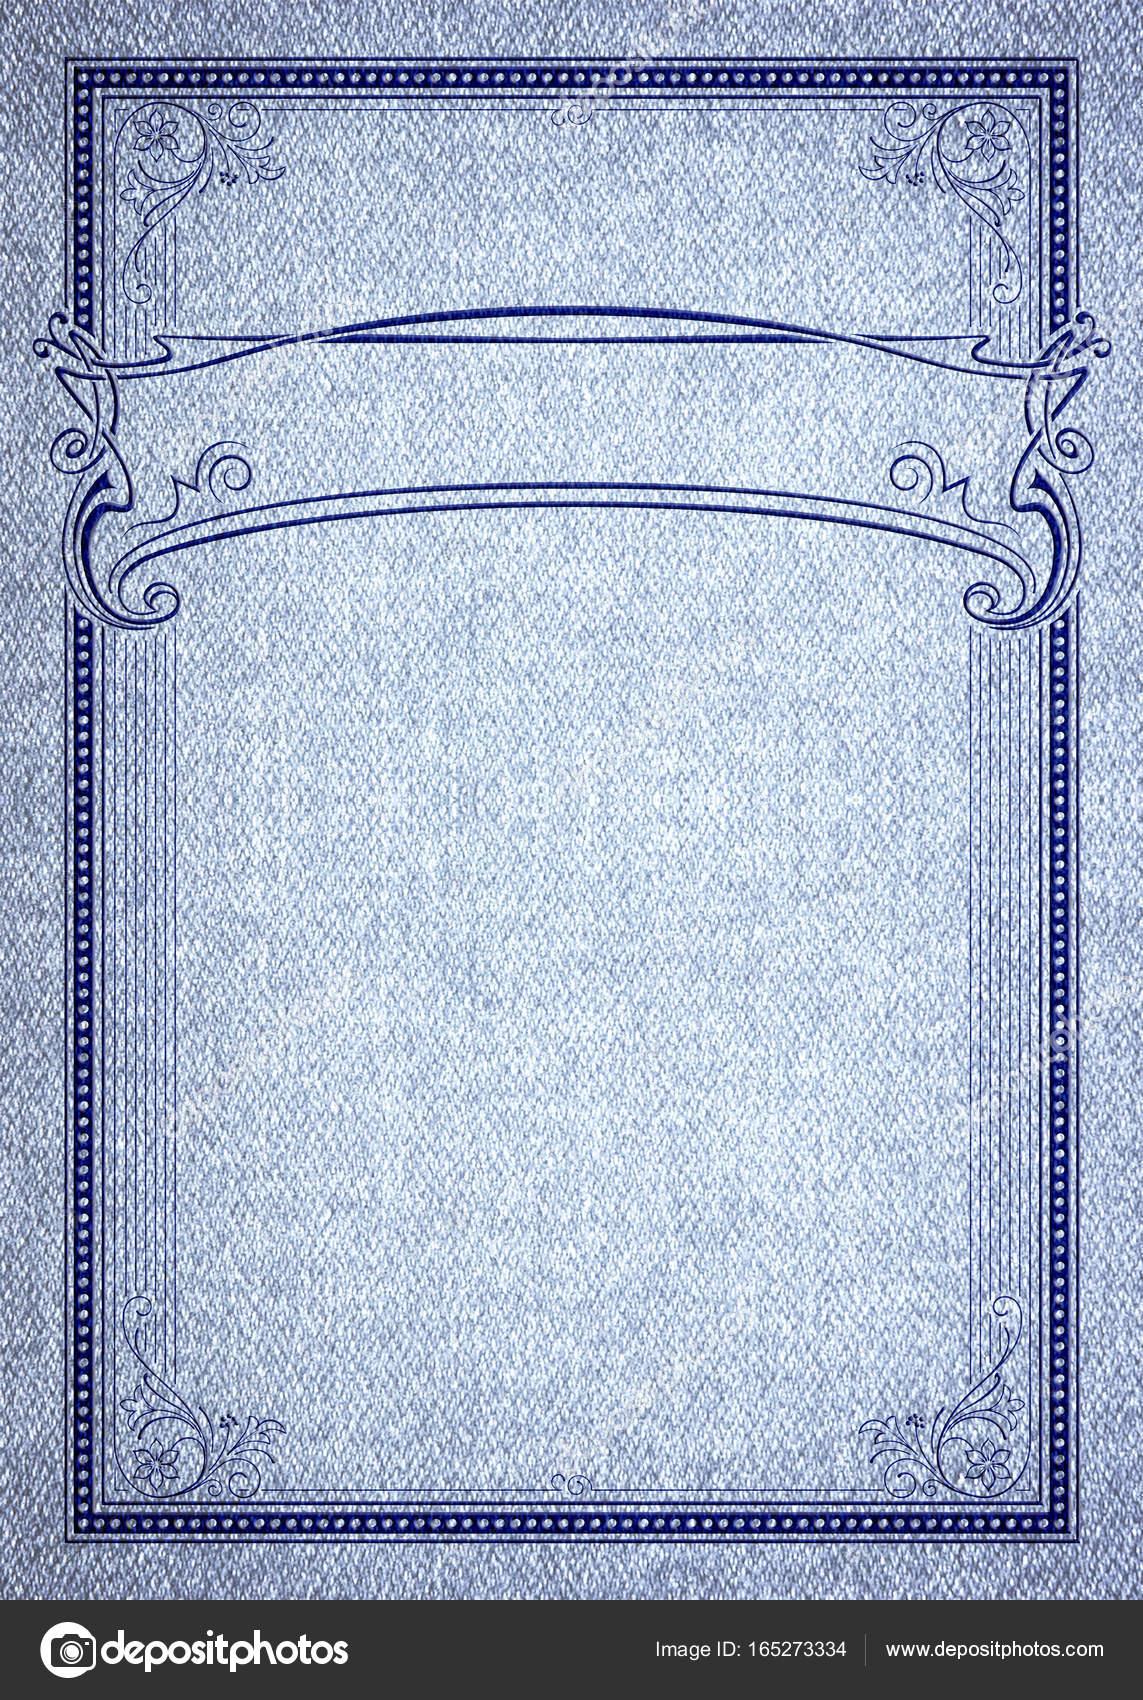 Marco rectangular decorativo y banner en textura denim. Plantilla ...